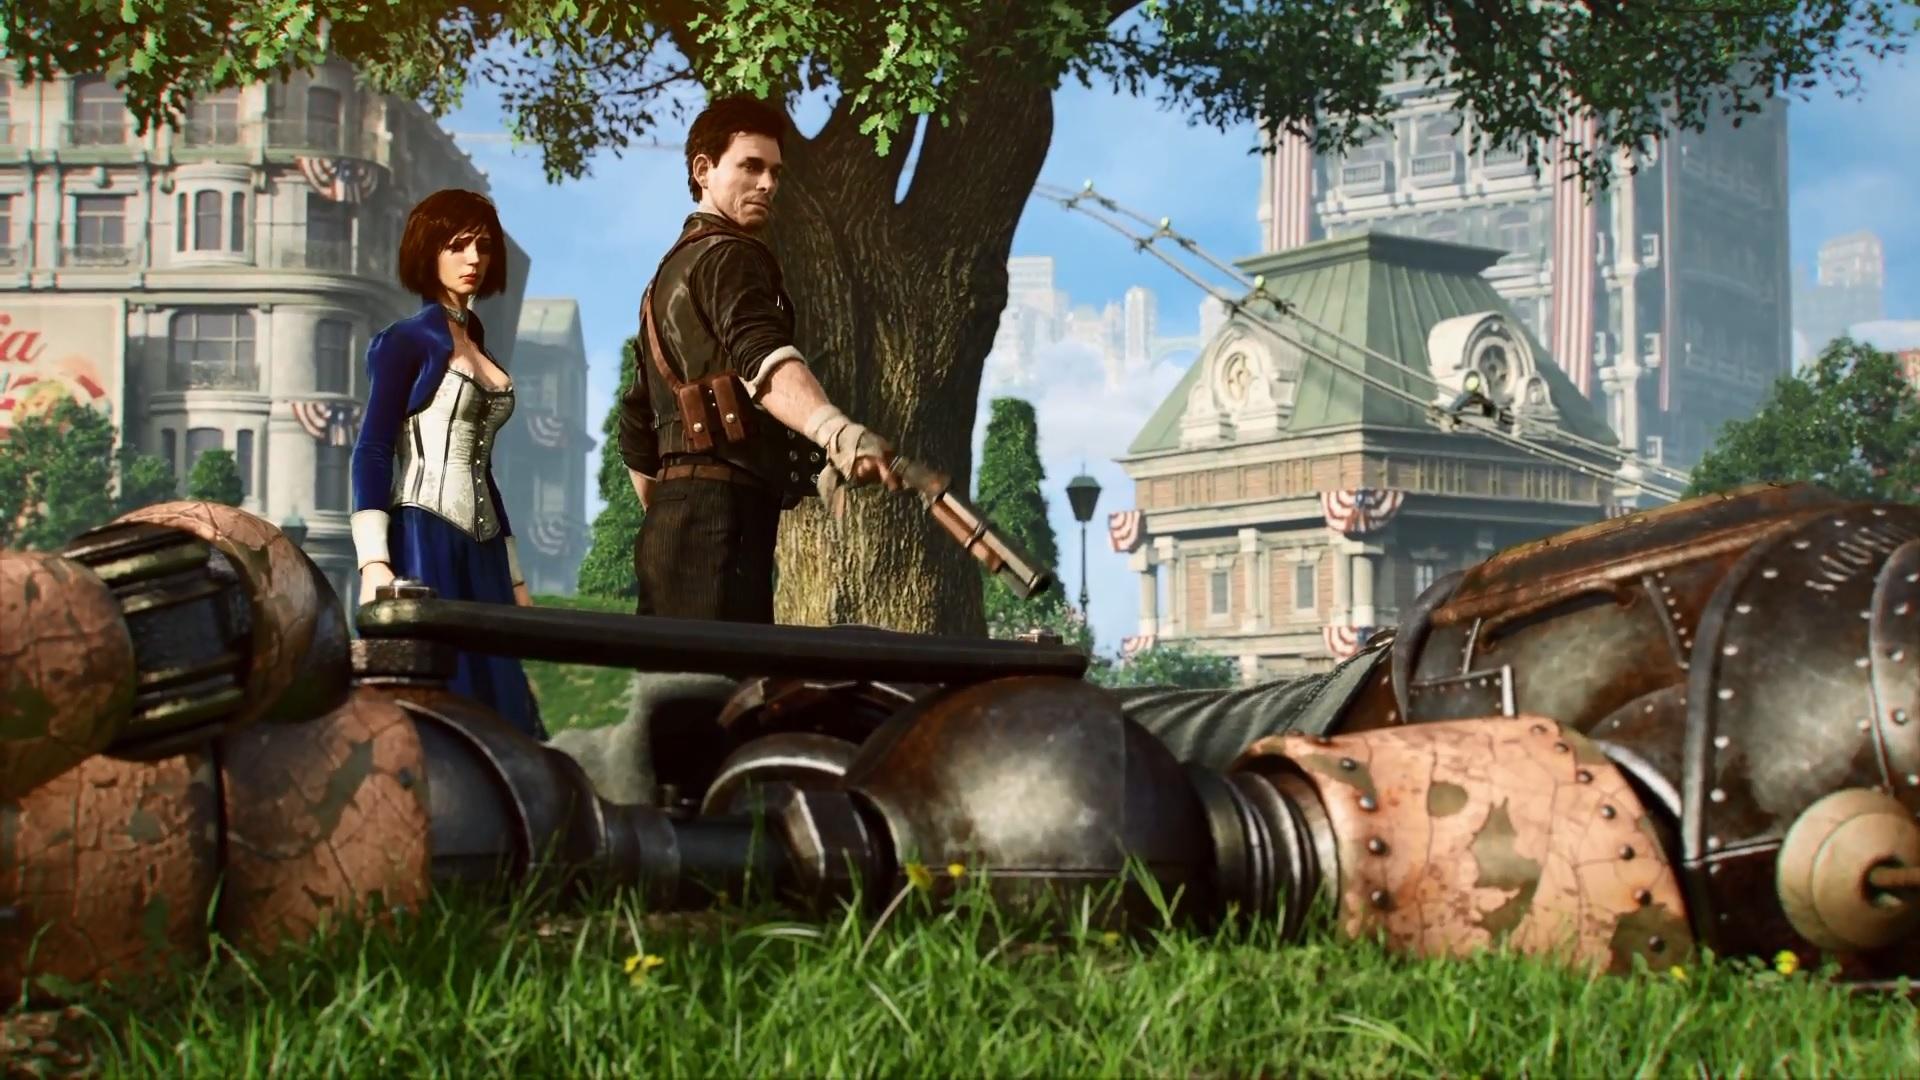 سی دی کی اریجینال استیم بازی BioShock - The Collection